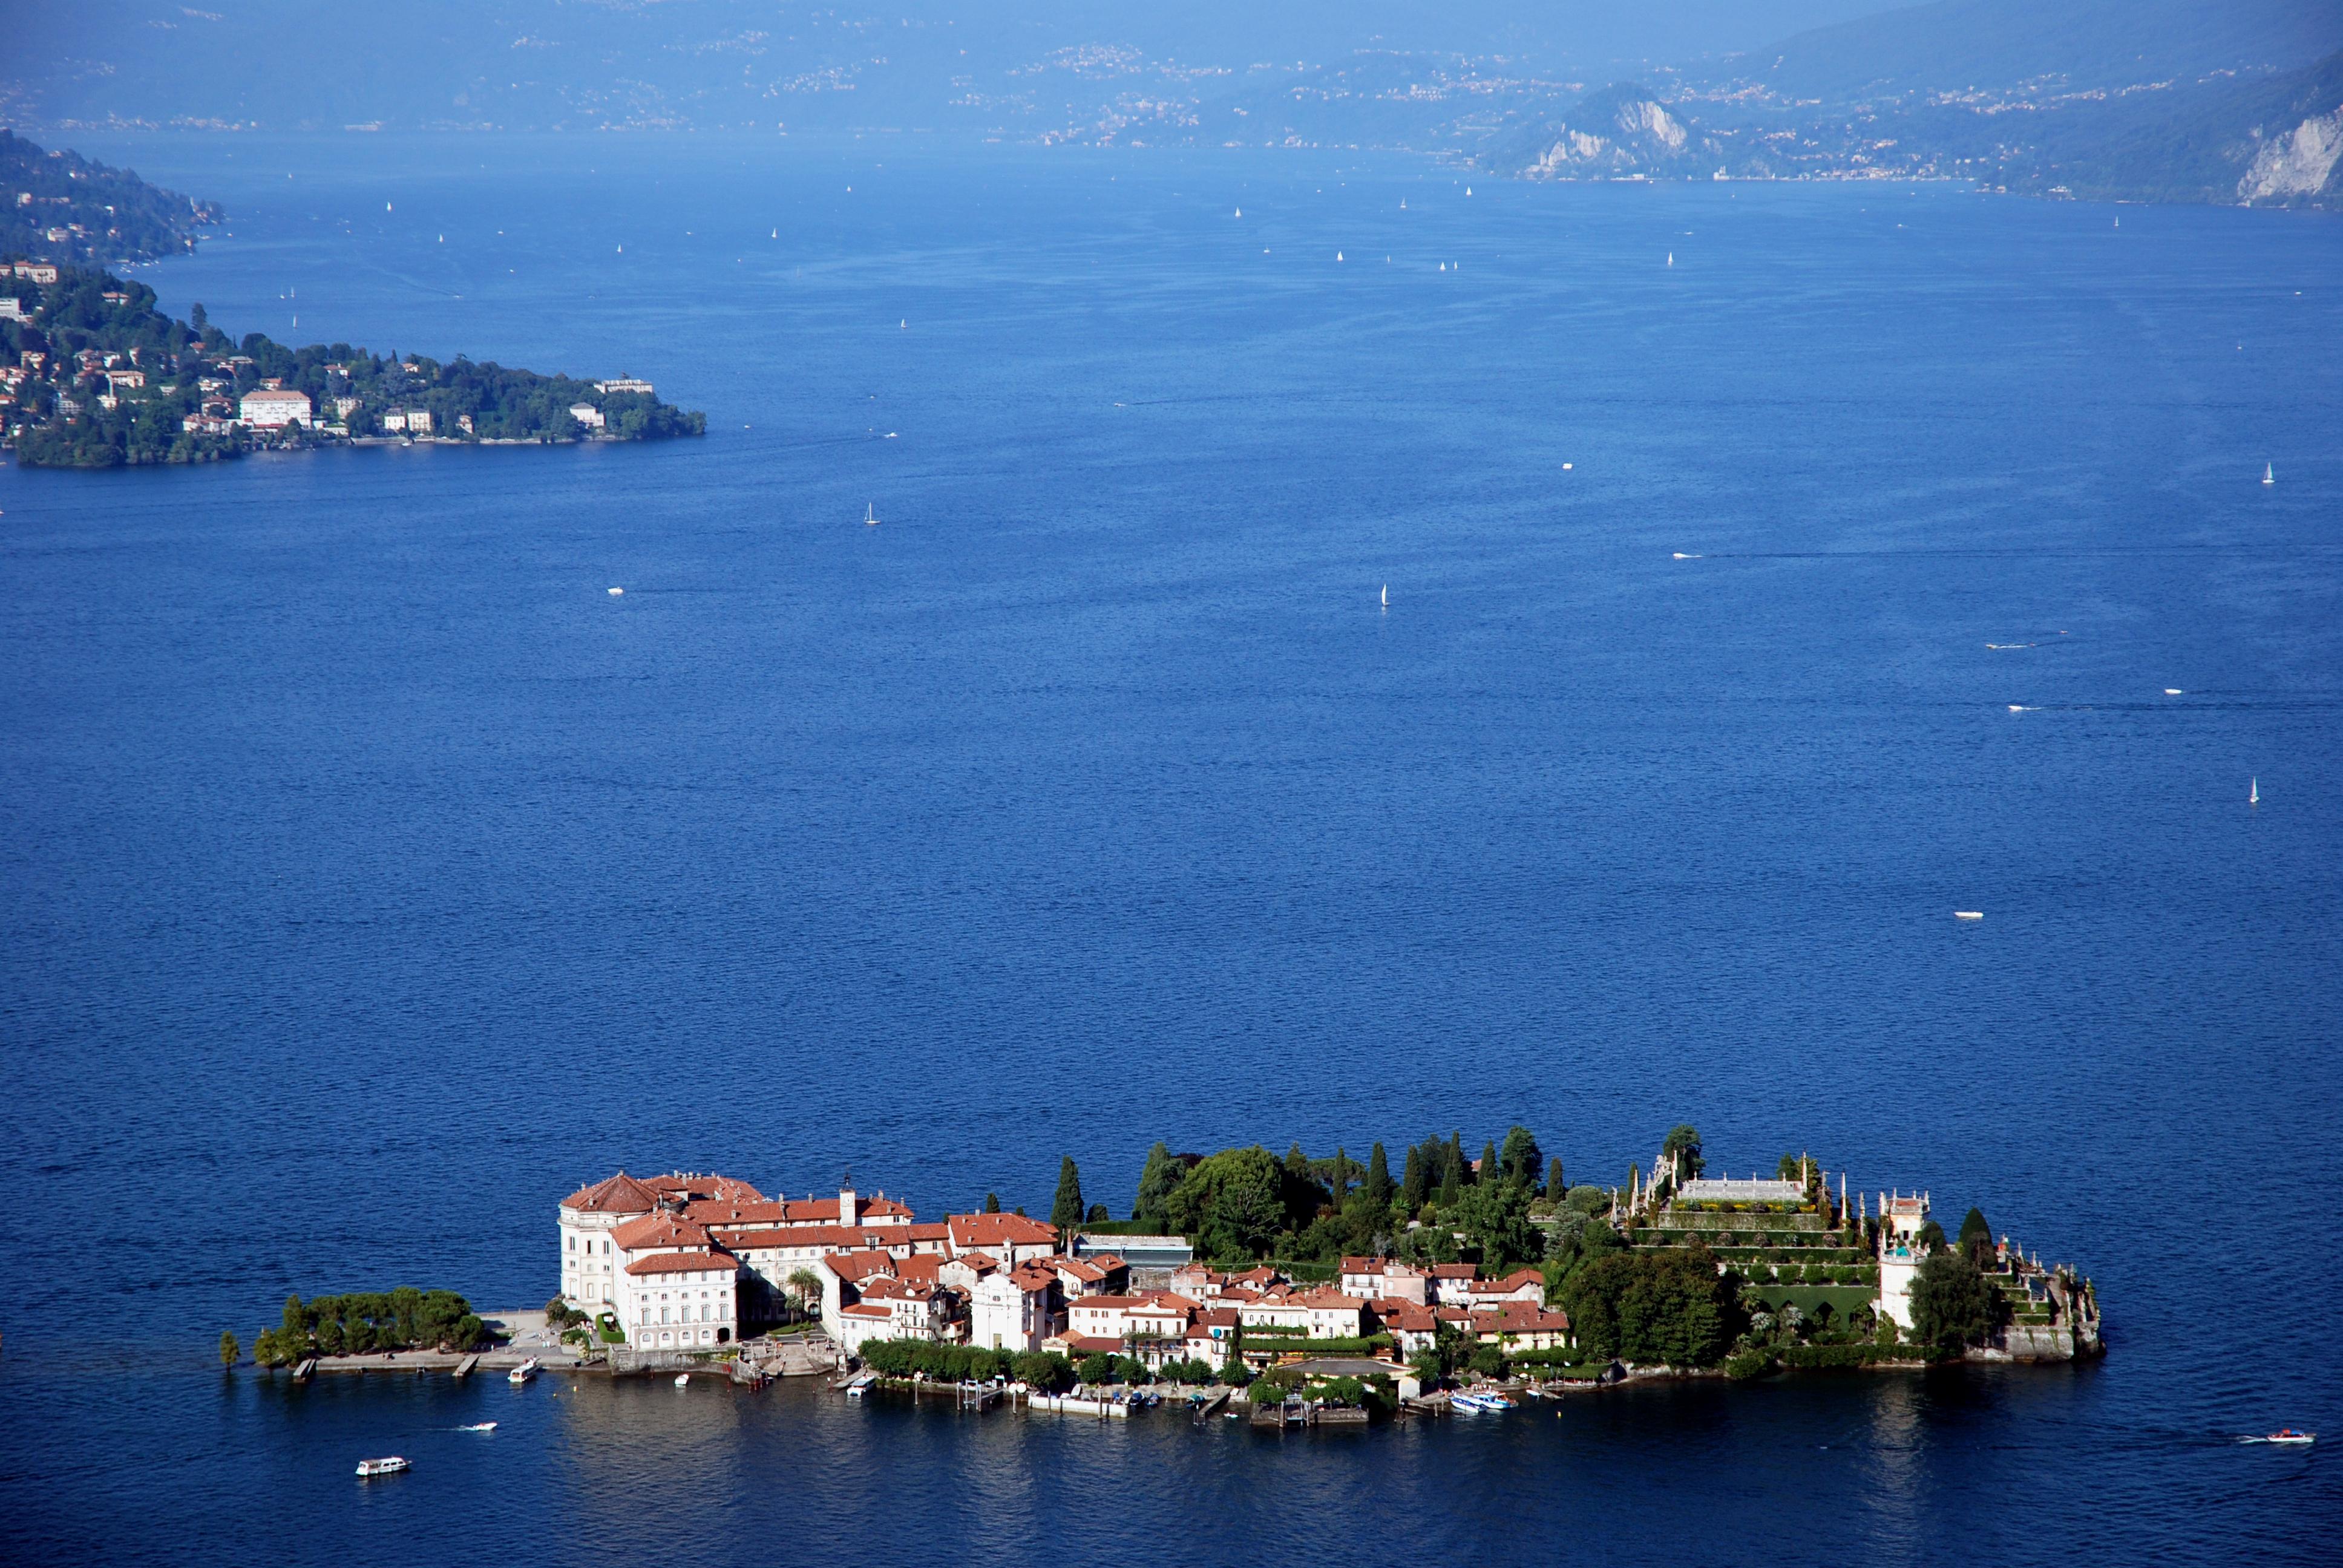 Lago-Maggiore 1491a.jpg